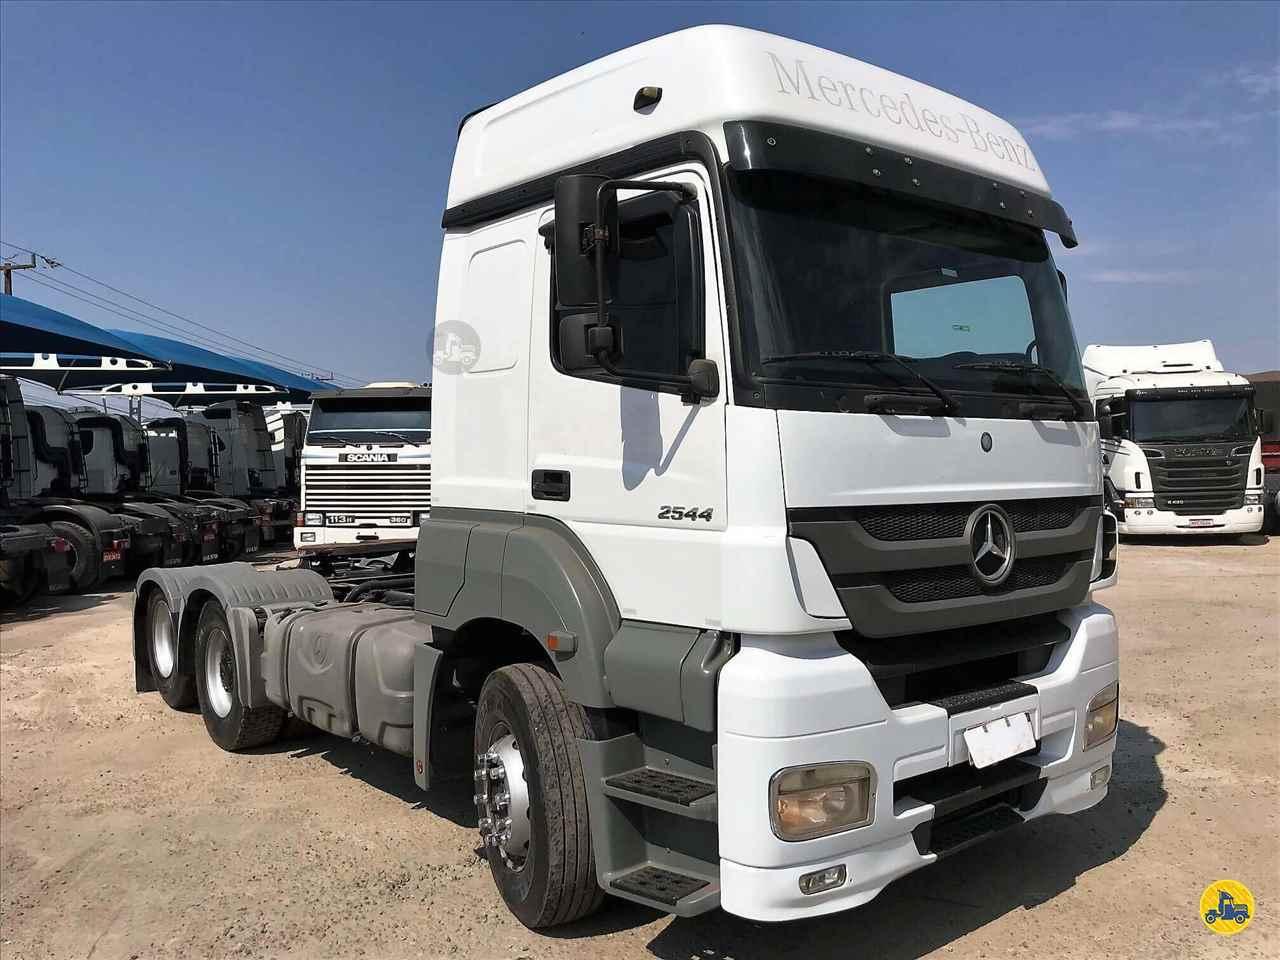 CAMINHAO MERCEDES-BENZ MB 2544 Cavalo Mecânico Truck 6x2 JK Caminhões PR SARANDI PARANÁ PR